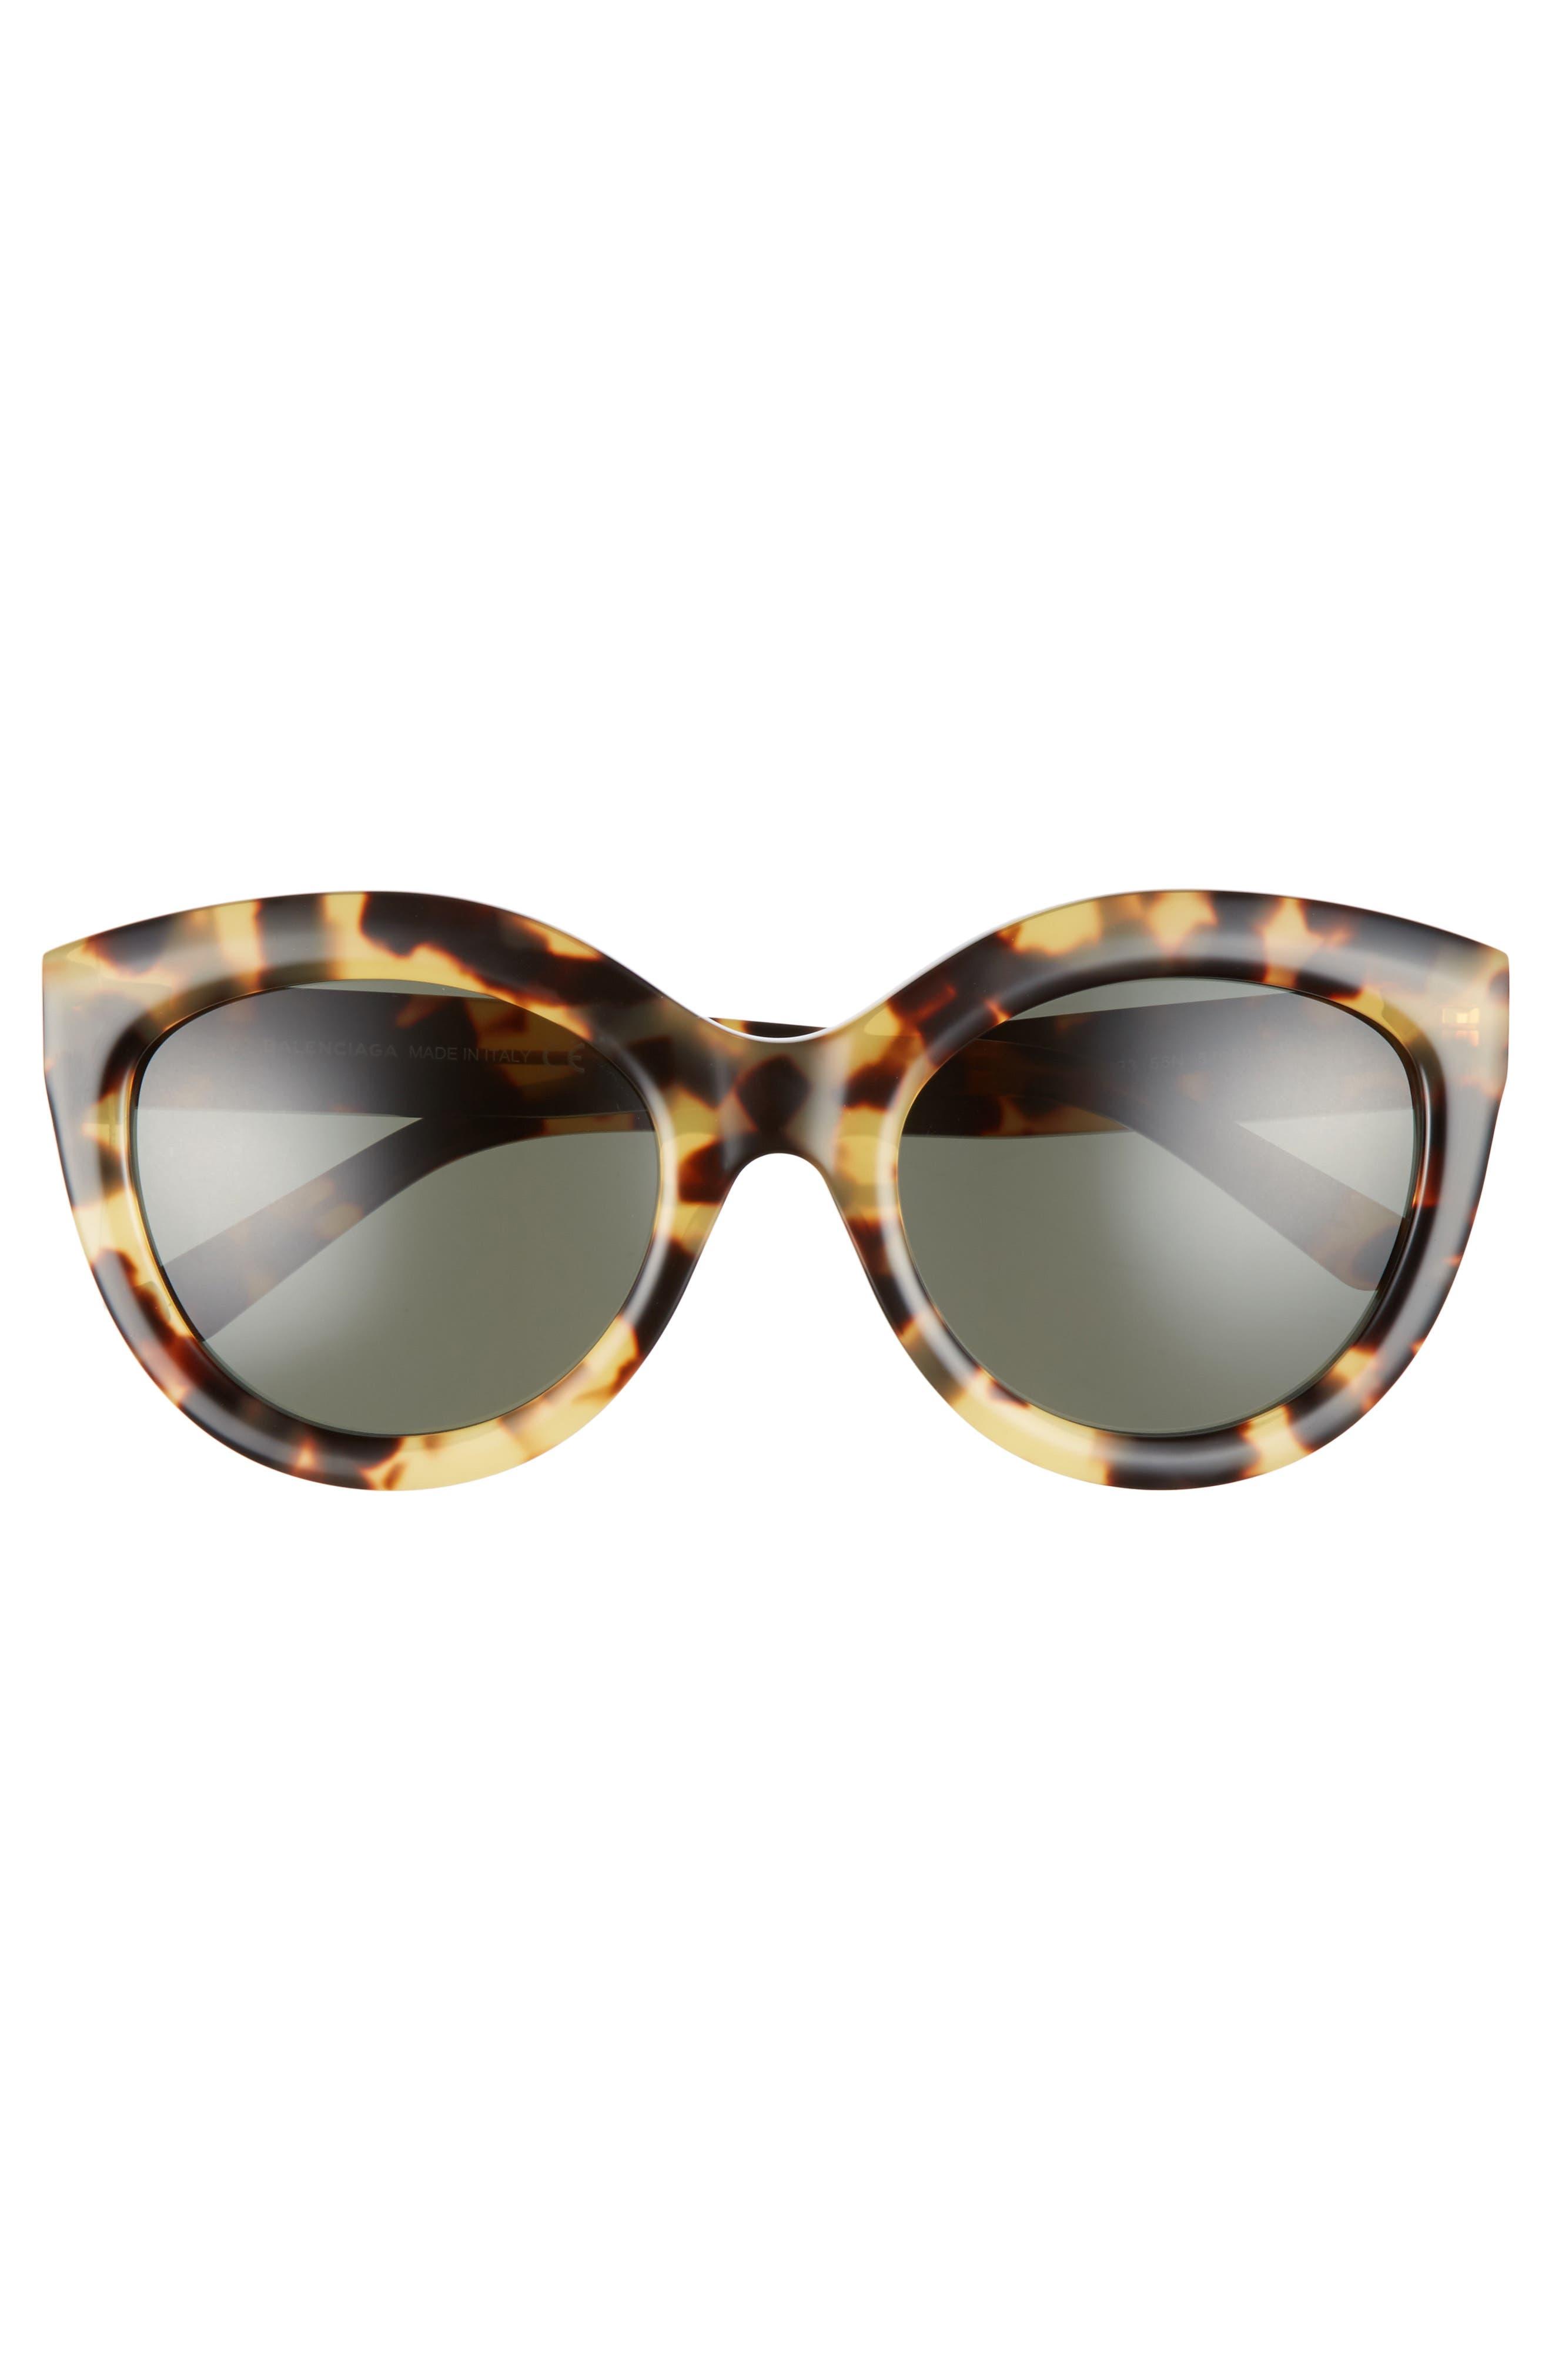 54mm Cat Eye Sunglasses,                             Alternate thumbnail 3, color,                             VINTAGE HAVANA/ GREEN LENS